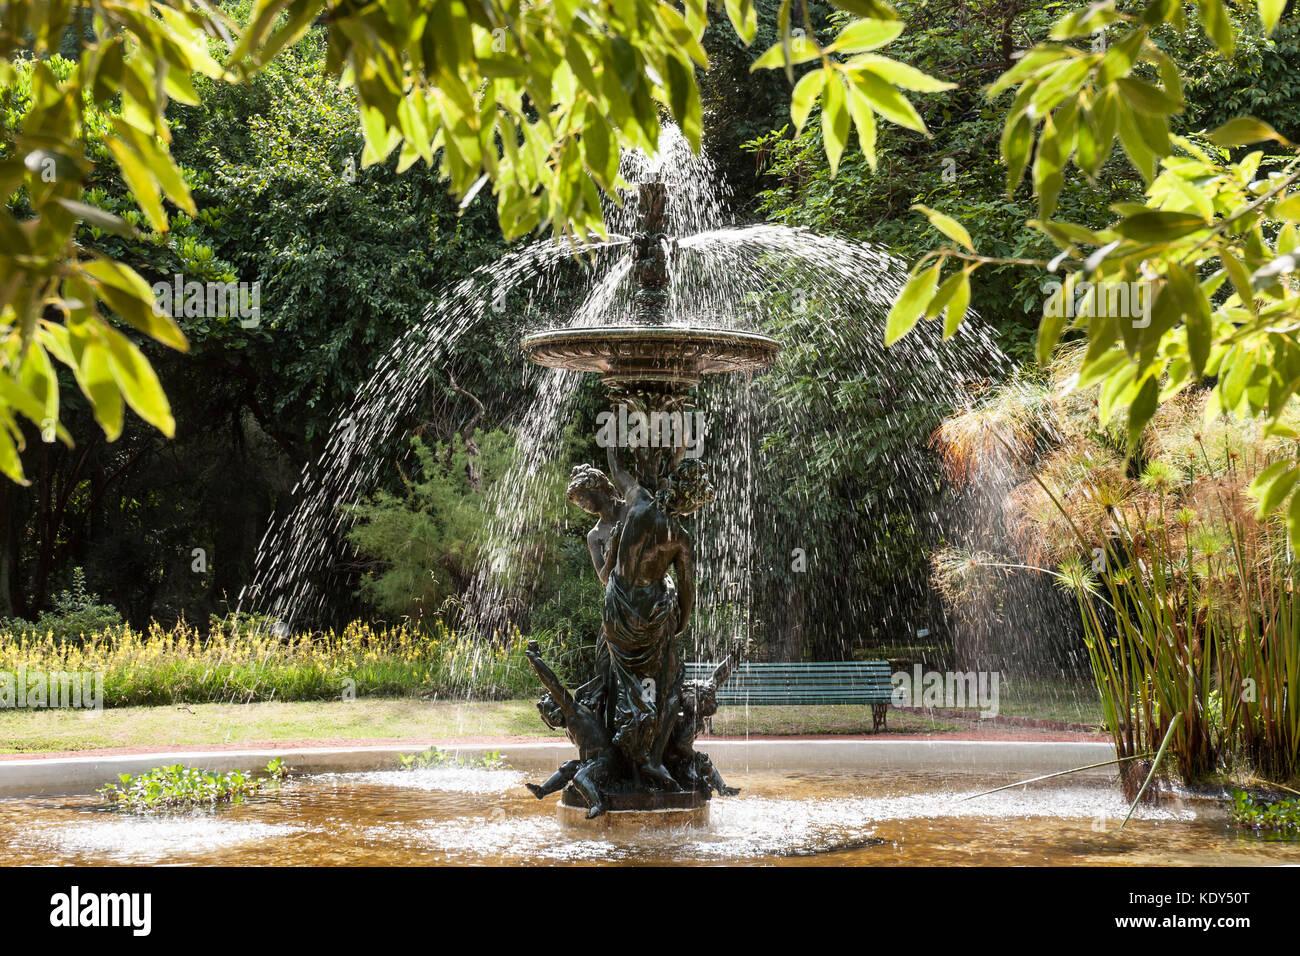 Jardin Botanico Carlos Thays Stock Photos Jardin Botanico Carlos Thays Stock Images Alamy